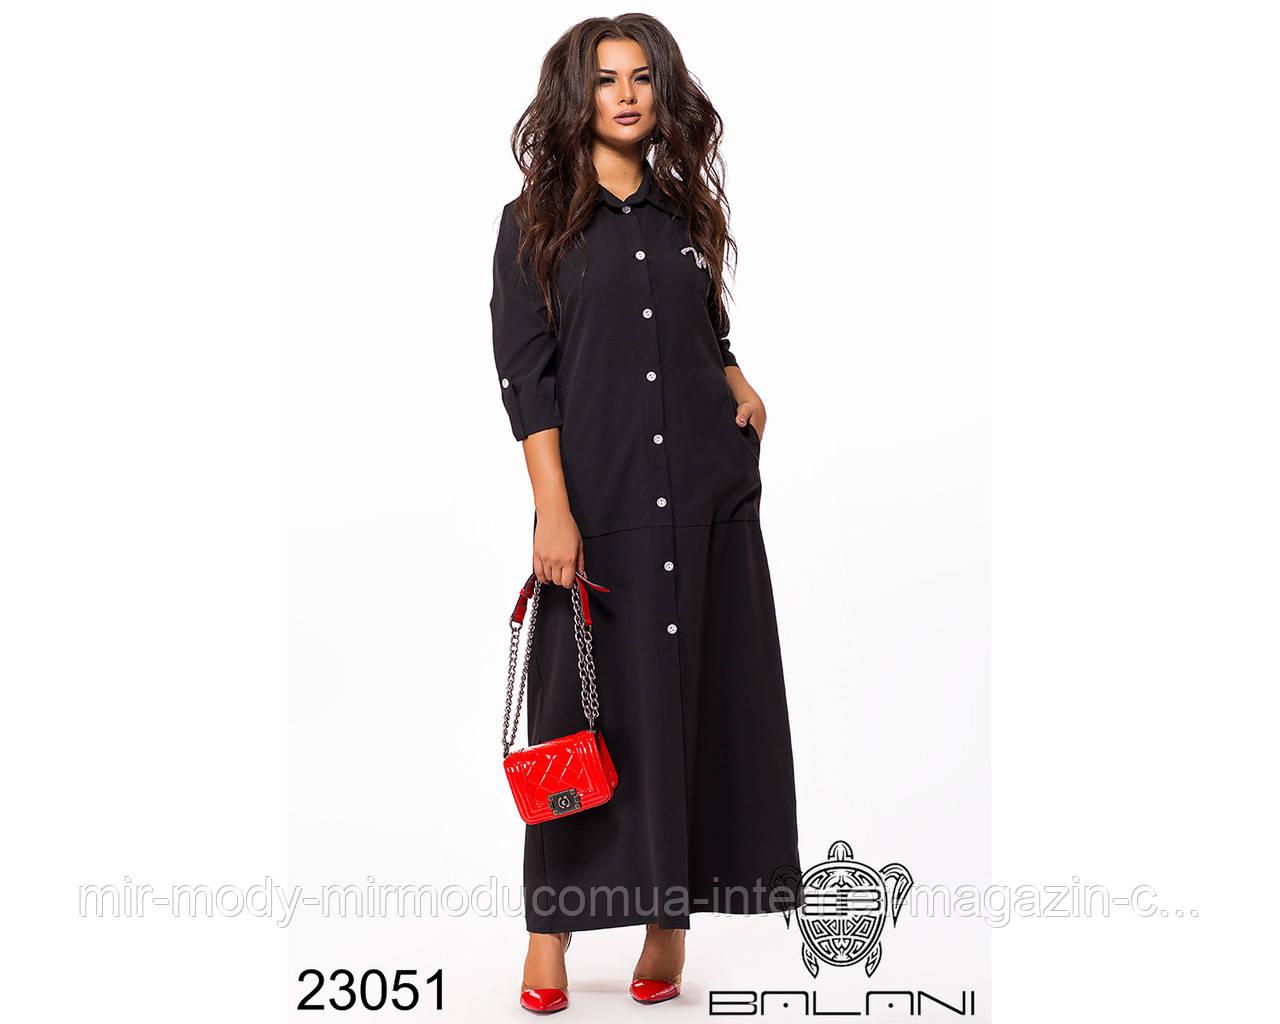 Платье с воротником в пол - 23051 с 48 по 54 размер(бн)